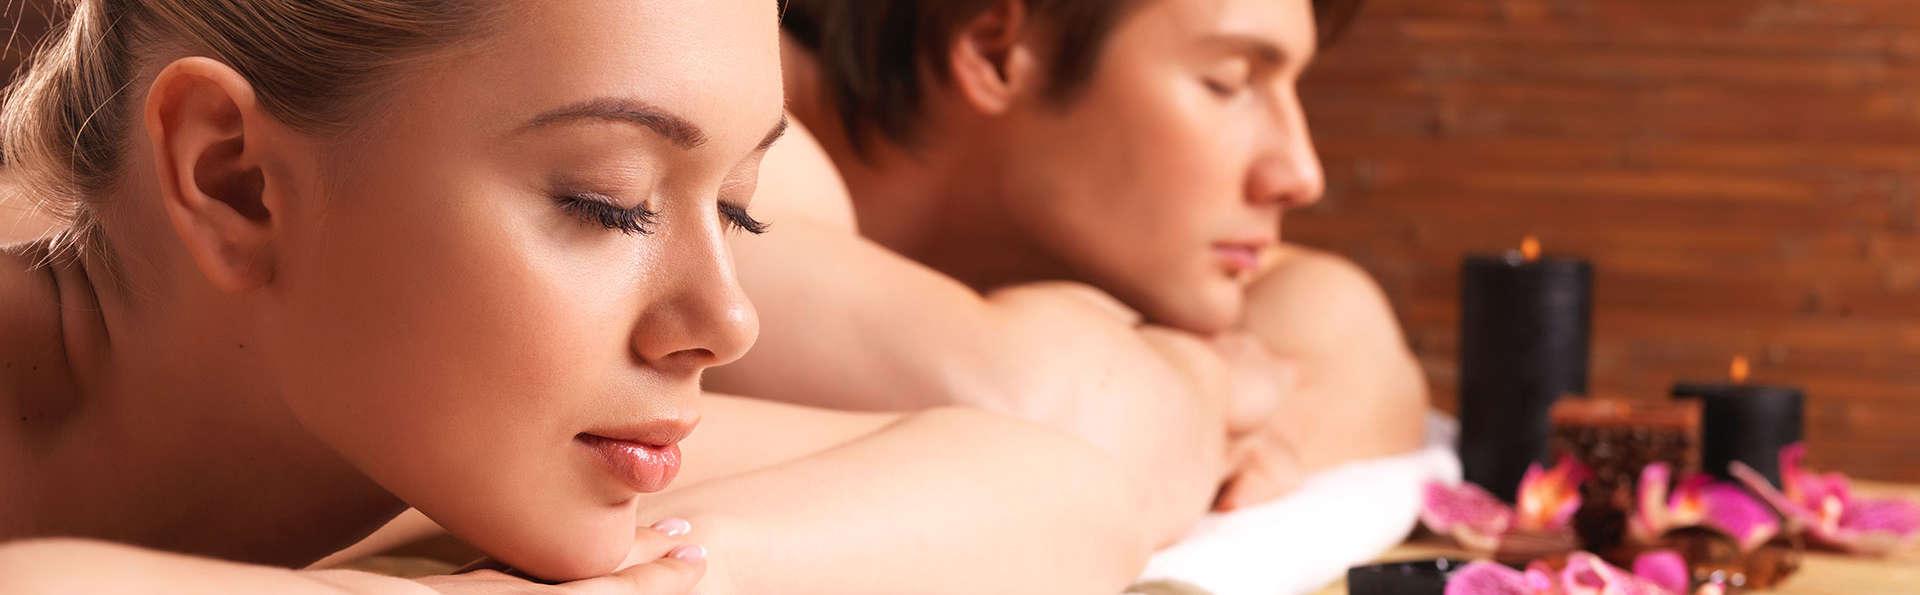 Week-end romantique avec massage et dîner en chambre supérieure